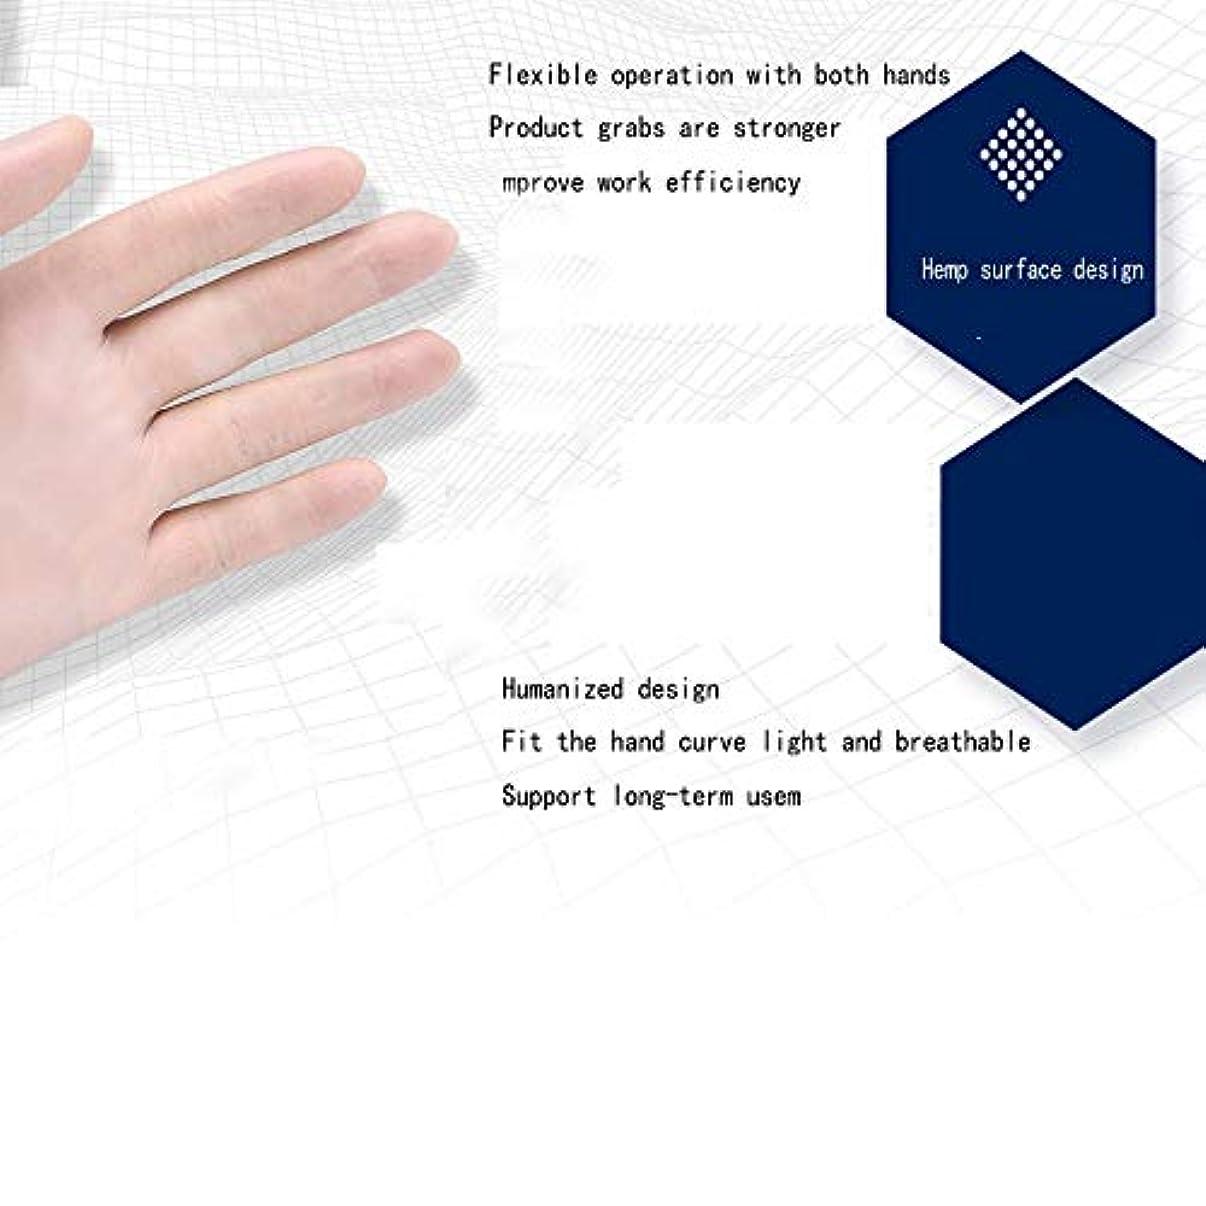 鷲揺れるチャップSafeguard Nitri Disposable Gloves、パウダーフリー、食品用グローブ、ラテックスフリー、100 Pcサニタリーグローブ (サイズ さいず : S s)